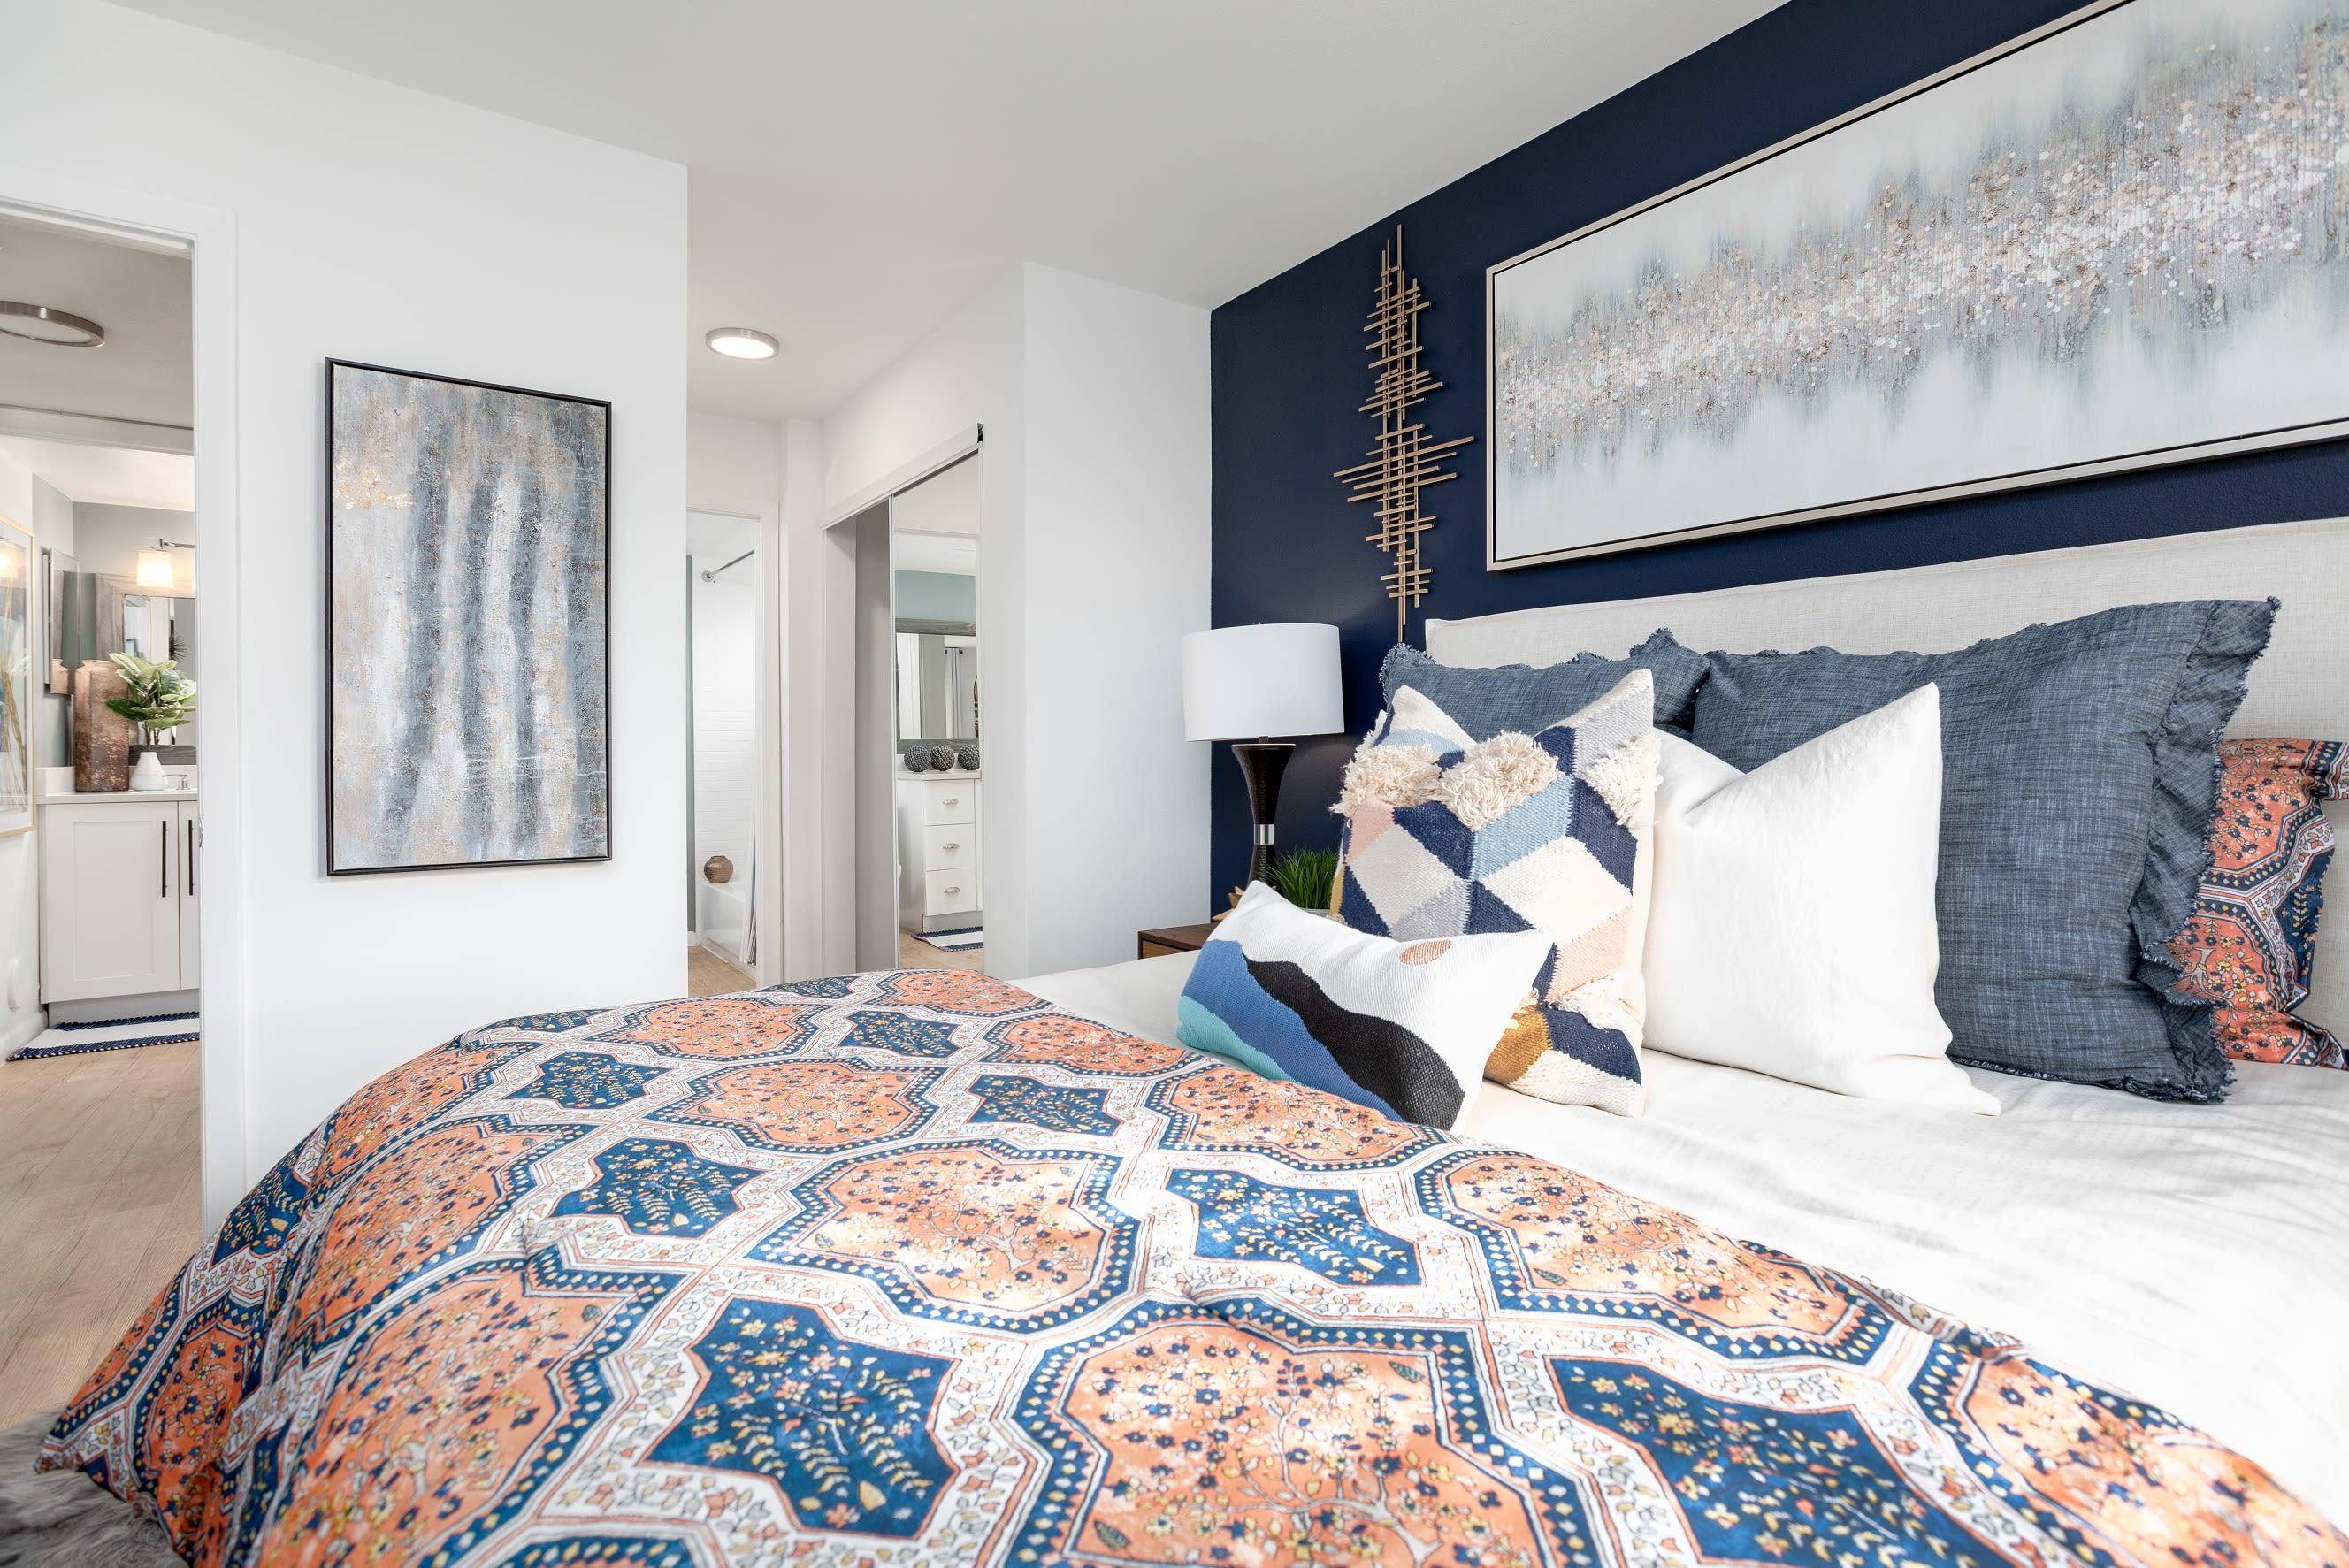 Comfortable bedroom at Cielo Boca in Boca Raton, Florida